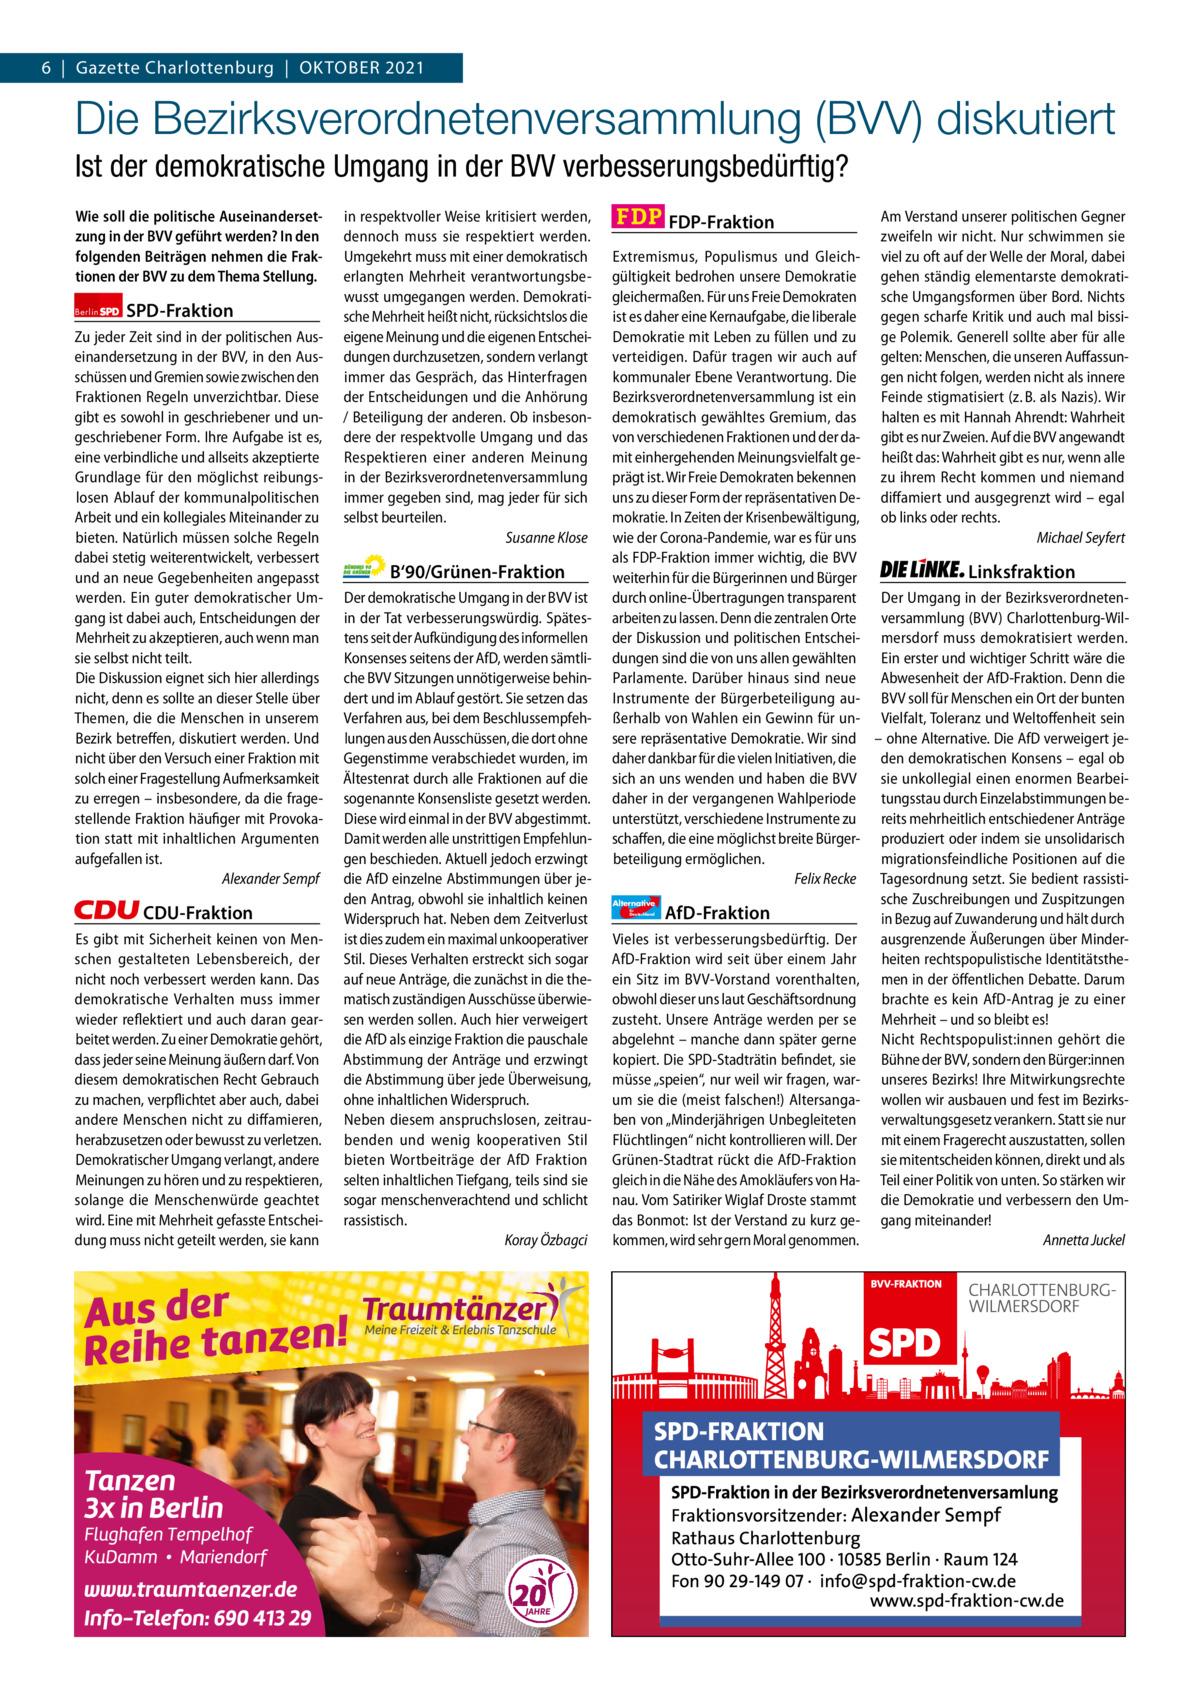 Gazette Charlottenburg & Wilmersdorf 10 6 Gazette Charlottenburg Oktober 2021  www.gazette-berlin.de  Die Bezirksverordnetenversammlung (BVV) diskutiert Ist der demokratische Umgang in der BVV verbesserungsbedürftig? Wie soll die politische Auseinandersetzung in der BVV geführt werden? In den folgenden Beiträgen nehmen die Fraktionen der BVV zu dem Thema Stellung. Berlin  SPD-Fraktion  Zu jeder Zeit sind in der politischen Auseinandersetzung in der BVV, in den Ausschüssen und Gremien sowie zwischen den Fraktionen Regeln unverzichtbar. Diese gibt es sowohl in geschriebener und ungeschriebener Form. Ihre Aufgabe ist es, eine verbindliche und allseits akzeptierte Grundlage für den möglichst reibungslosen Ablauf der kommunalpolitischen Arbeit und ein kollegiales Miteinander zu bieten. Natürlich müssen solche Regeln dabei stetig weiterentwickelt, verbessert und an neue Gegebenheiten angepasst werden. Ein guter demokratischer Umgang ist dabei auch, Entscheidungen der Mehrheit zu akzeptieren, auch wenn man sie selbst nicht teilt. Die Diskussion eignet sich hier allerdings nicht, denn es sollte an dieser Stelle über Themen, die die Menschen in unserem Bezirk betreffen, diskutiert werden. Und nicht über den Versuch einer Fraktion mit solch einer Fragestellung Aufmerksamkeit zu erregen – insbesondere, da die fragestellende Fraktion häufiger mit Provokation statt mit inhaltlichen Argumenten aufgefallen ist. Alexander Sempf  CDU-Fraktion Es gibt mit Sicherheit keinen von Menschen gestalteten Lebensbereich, der nicht noch verbessert werden kann. Das demokratische Verhalten muss immer wieder reflektiert und auch daran gearbeitet werden. Zu einer Demokratie gehört, dass jeder seine Meinung äußern darf. Von diesem demokratischen Recht Gebrauch zu machen, verpflichtet aber auch, dabei andere Menschen nicht zu diffamieren, herabzusetzen oder bewusst zu verletzen. Demokratischer Umgang verlangt, andere Meinungen zu hören und zu respektieren, solange die Menschenwürde geachtet wird. Ei